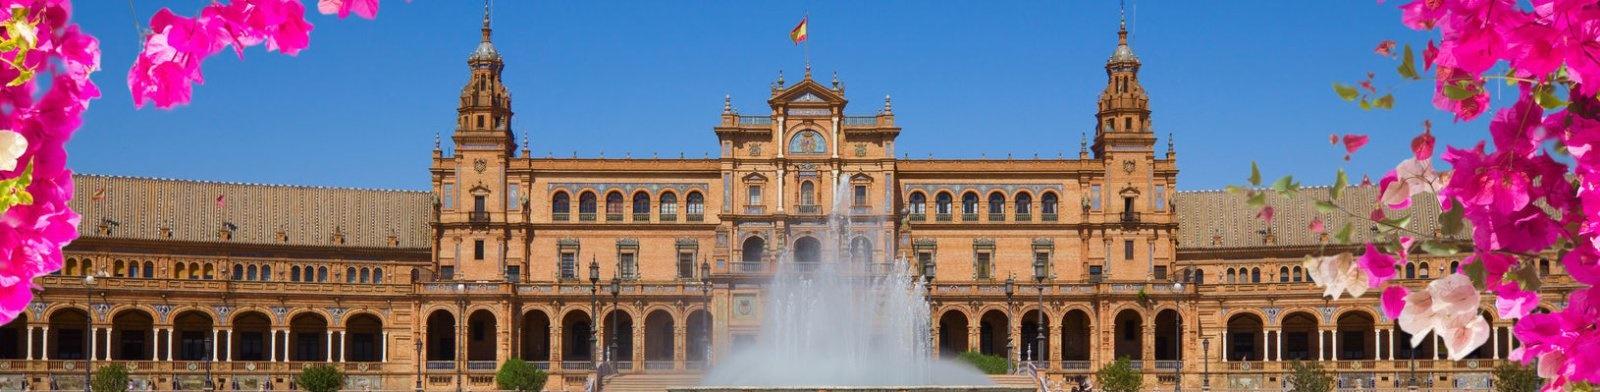 Andalucia, Main Image